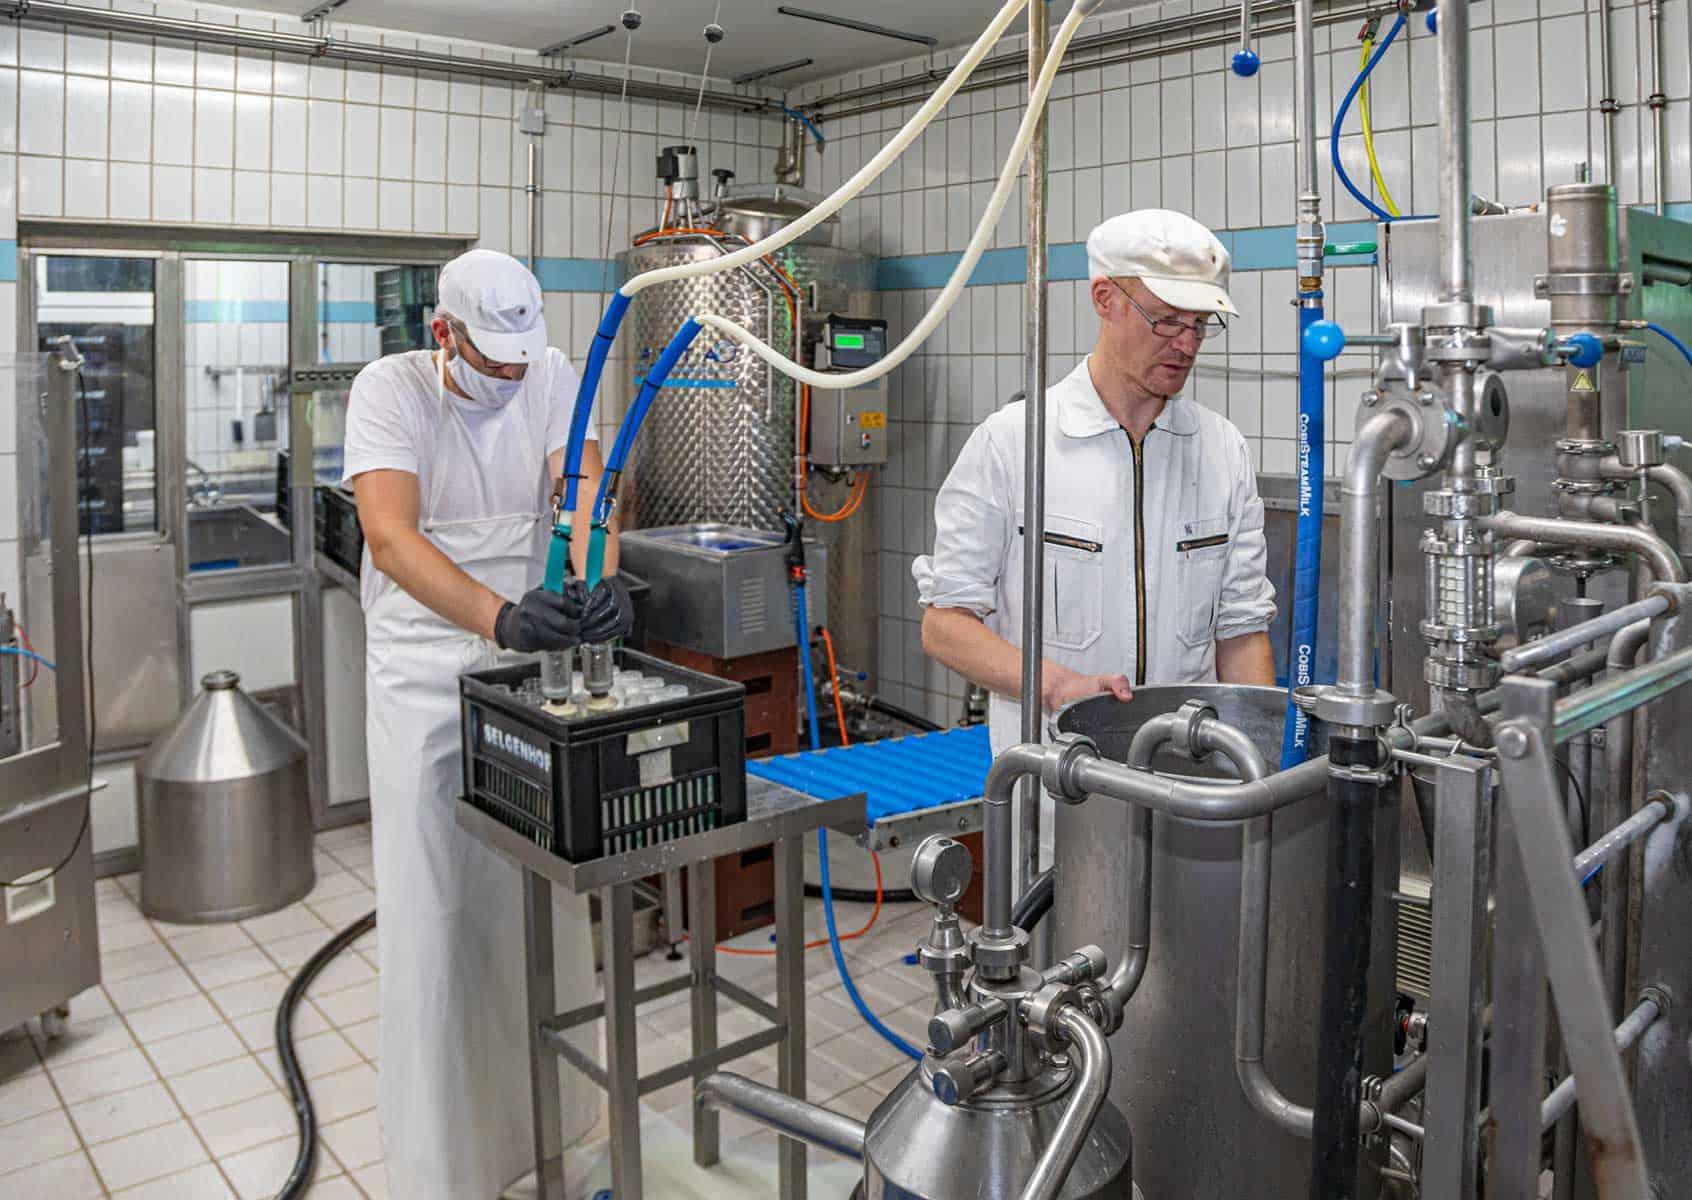 Mitarbeiter in der Molkerei